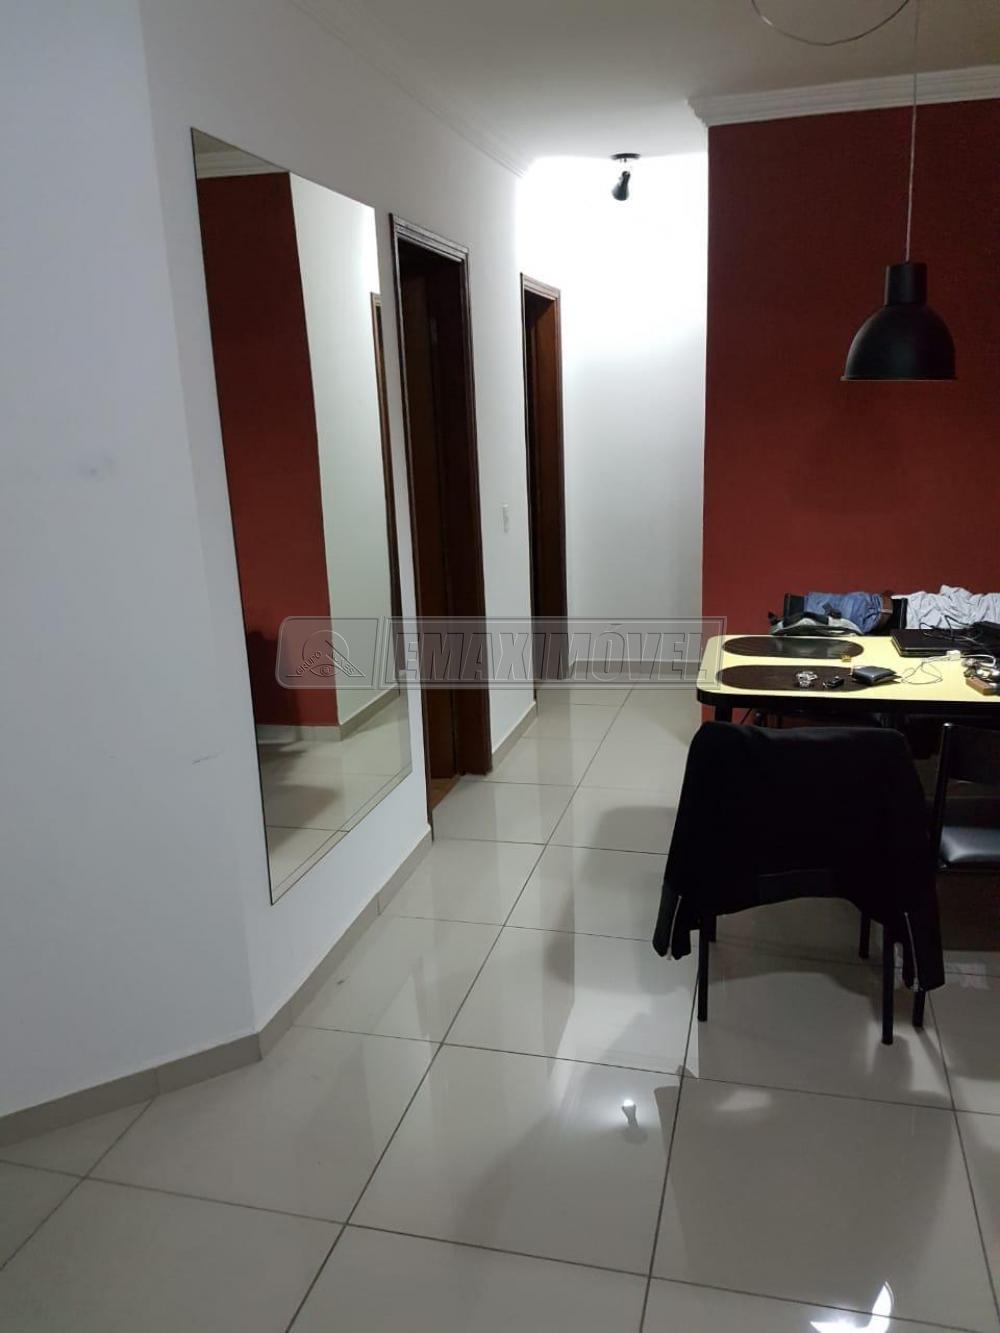 Comprar Apartamentos / Apto Padrão em Sorocaba apenas R$ 315.000,00 - Foto 5